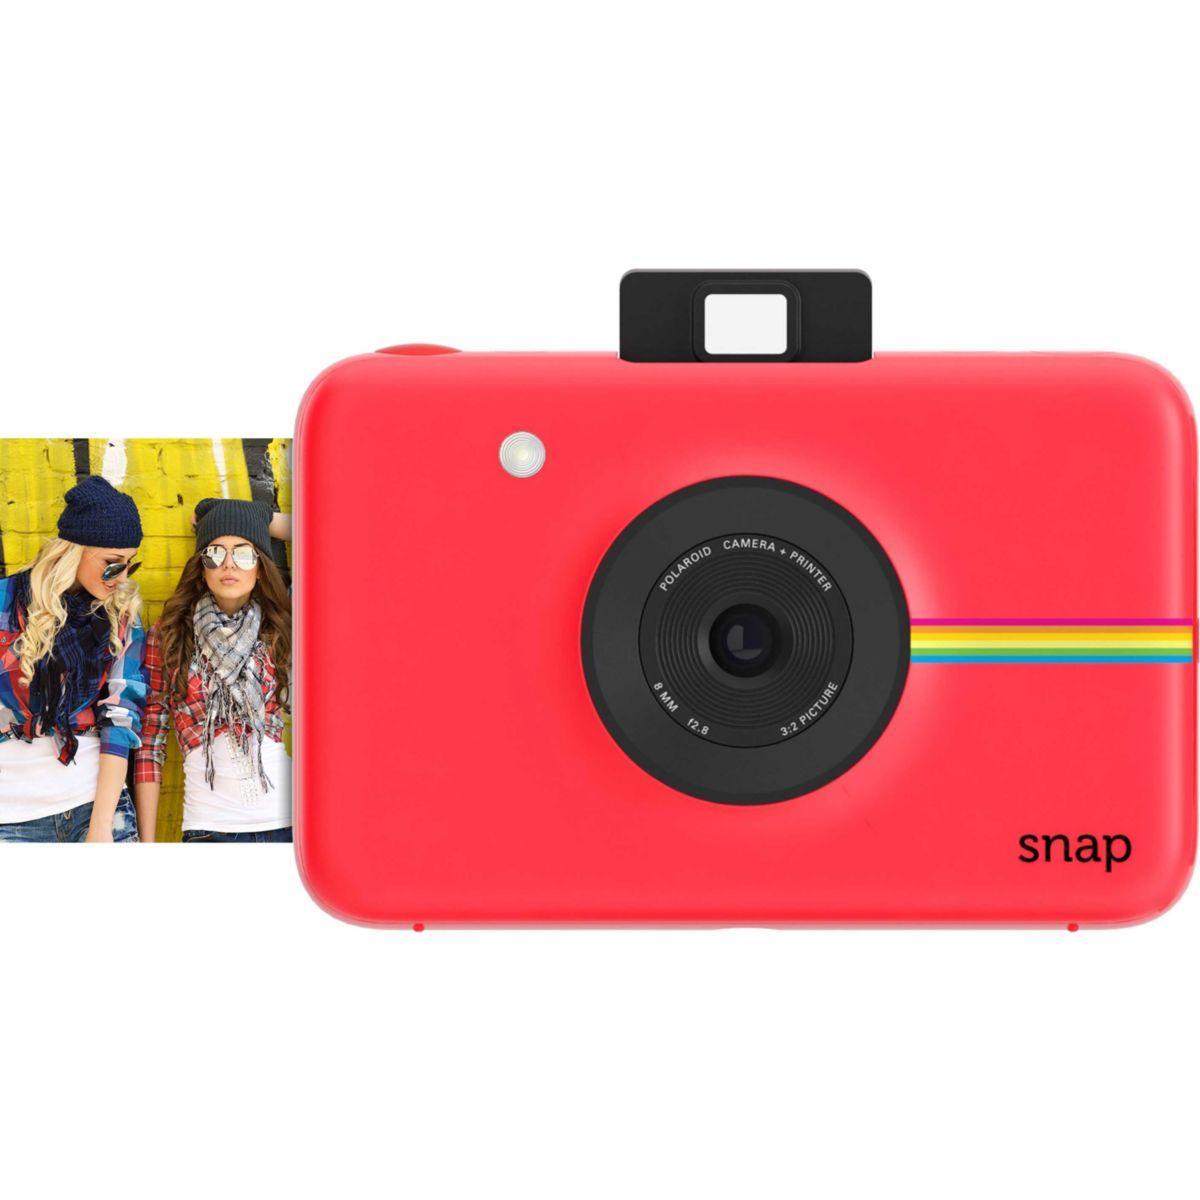 Appareil photo instantan? polaroid snap rouge - 20% de remise ...